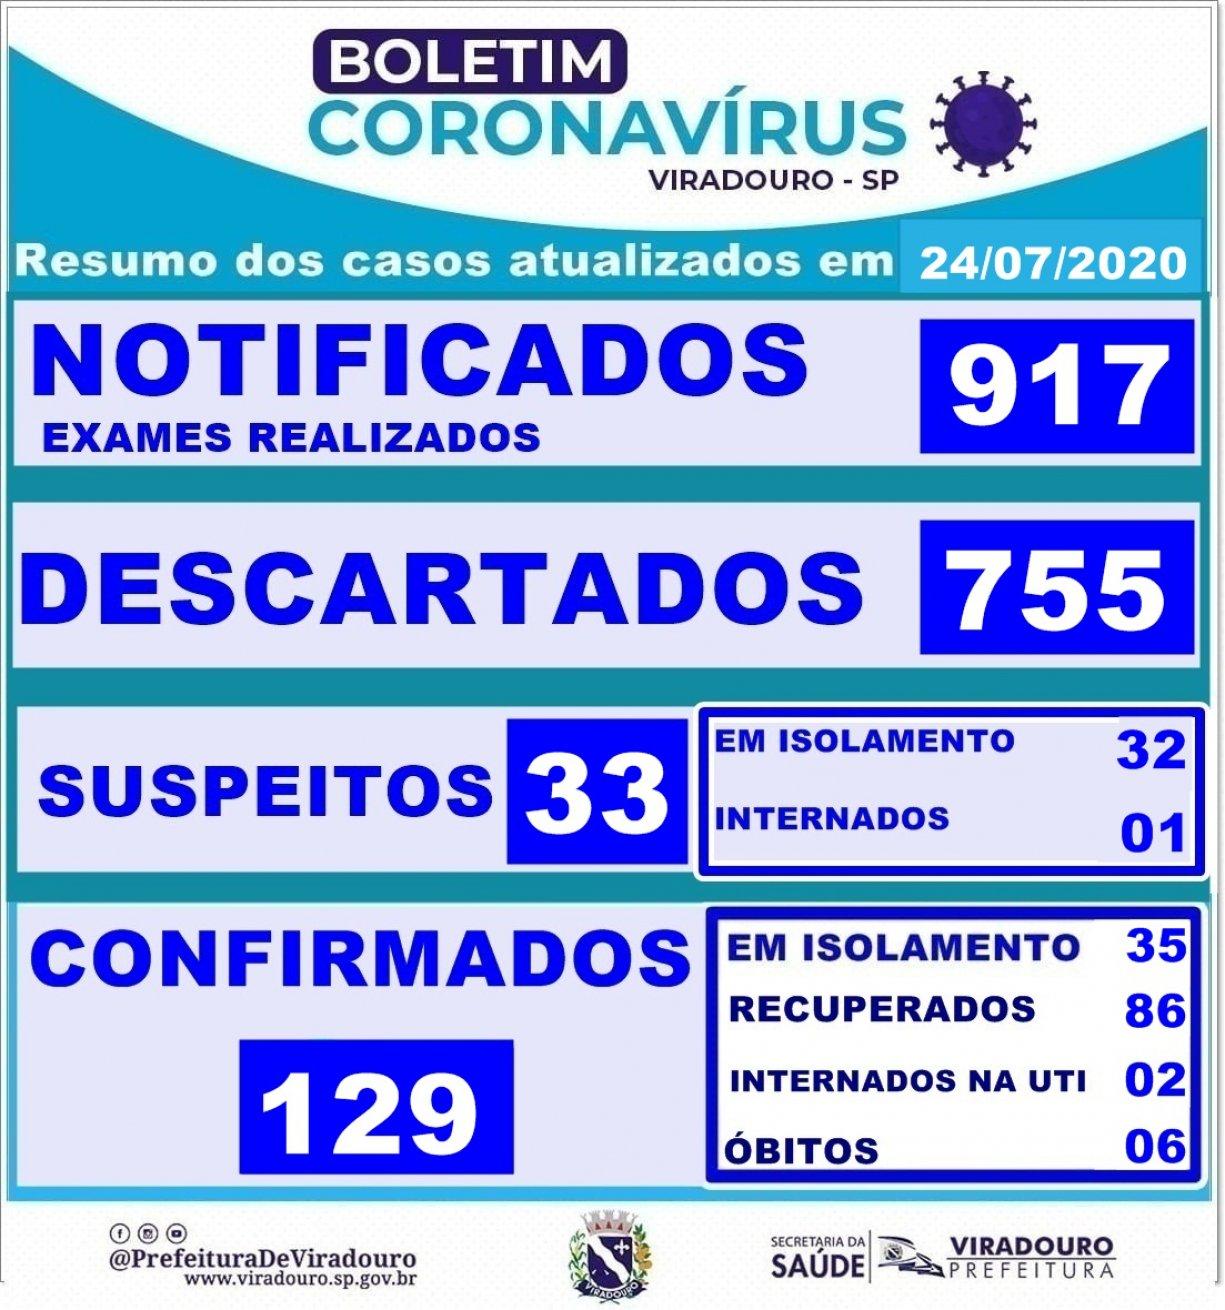 Boletim Epidemiológico Viradouro (Atualização 24/07/2020)